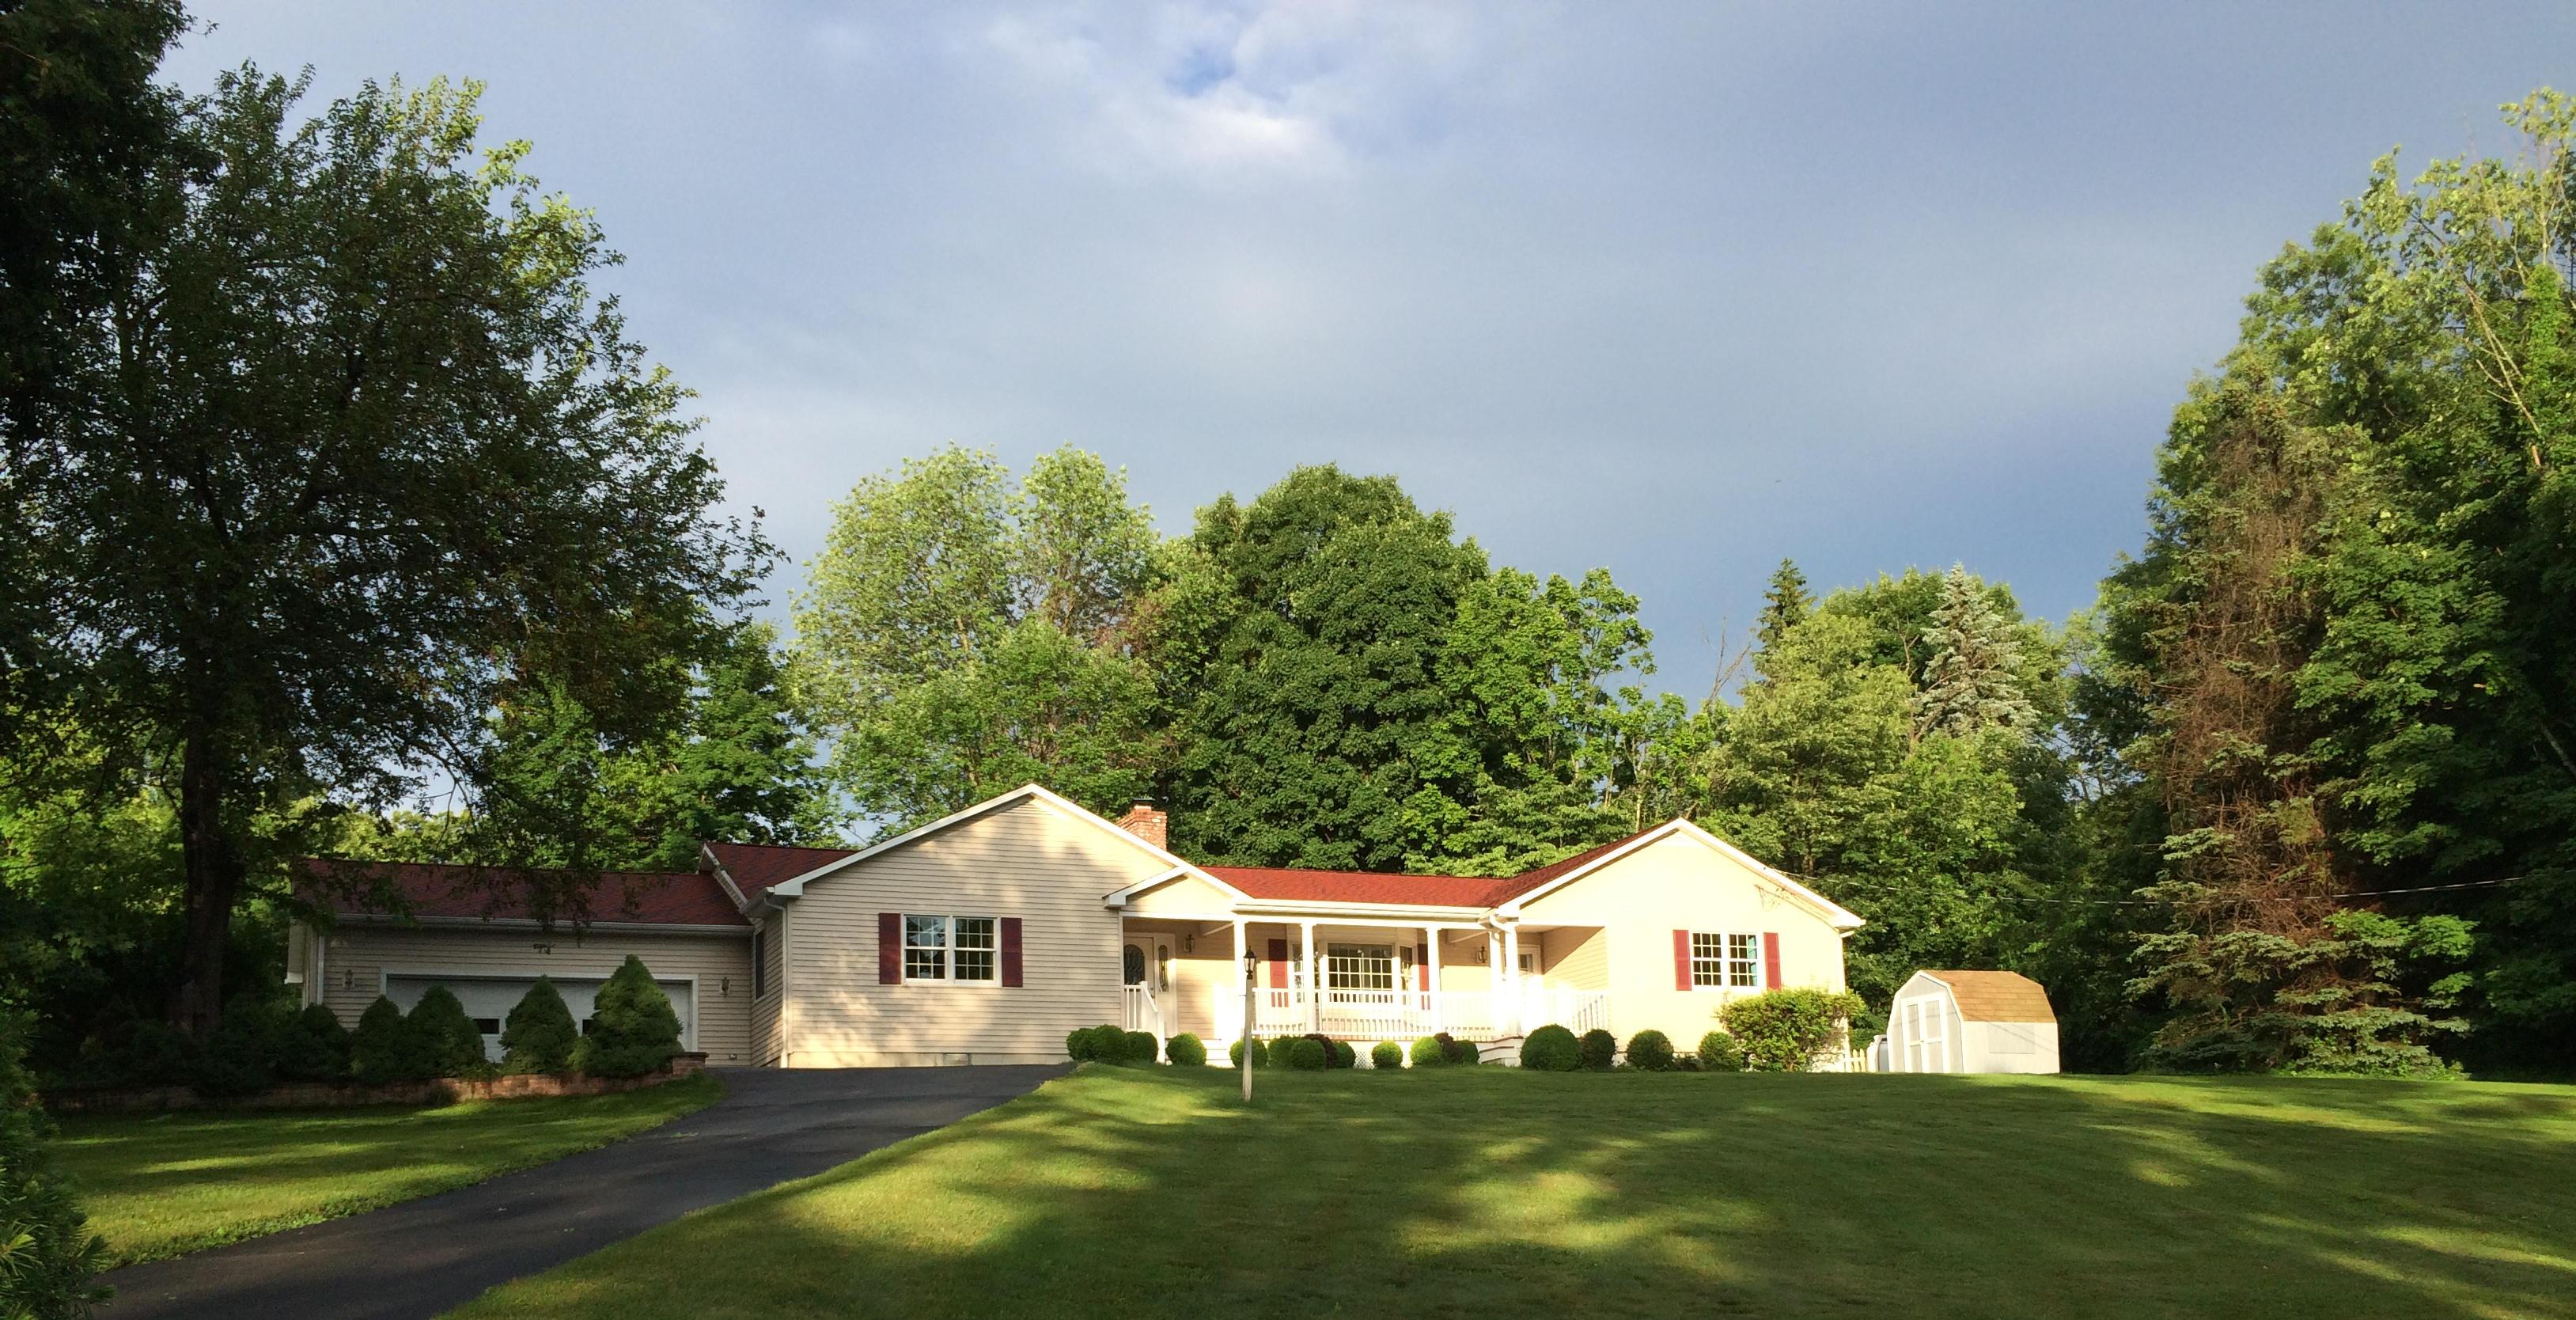 Maison unifamiliale pour l Vente à Spacious Ranch 11 Scodon Drive Ridgefield, Connecticut 06877 États-Unis